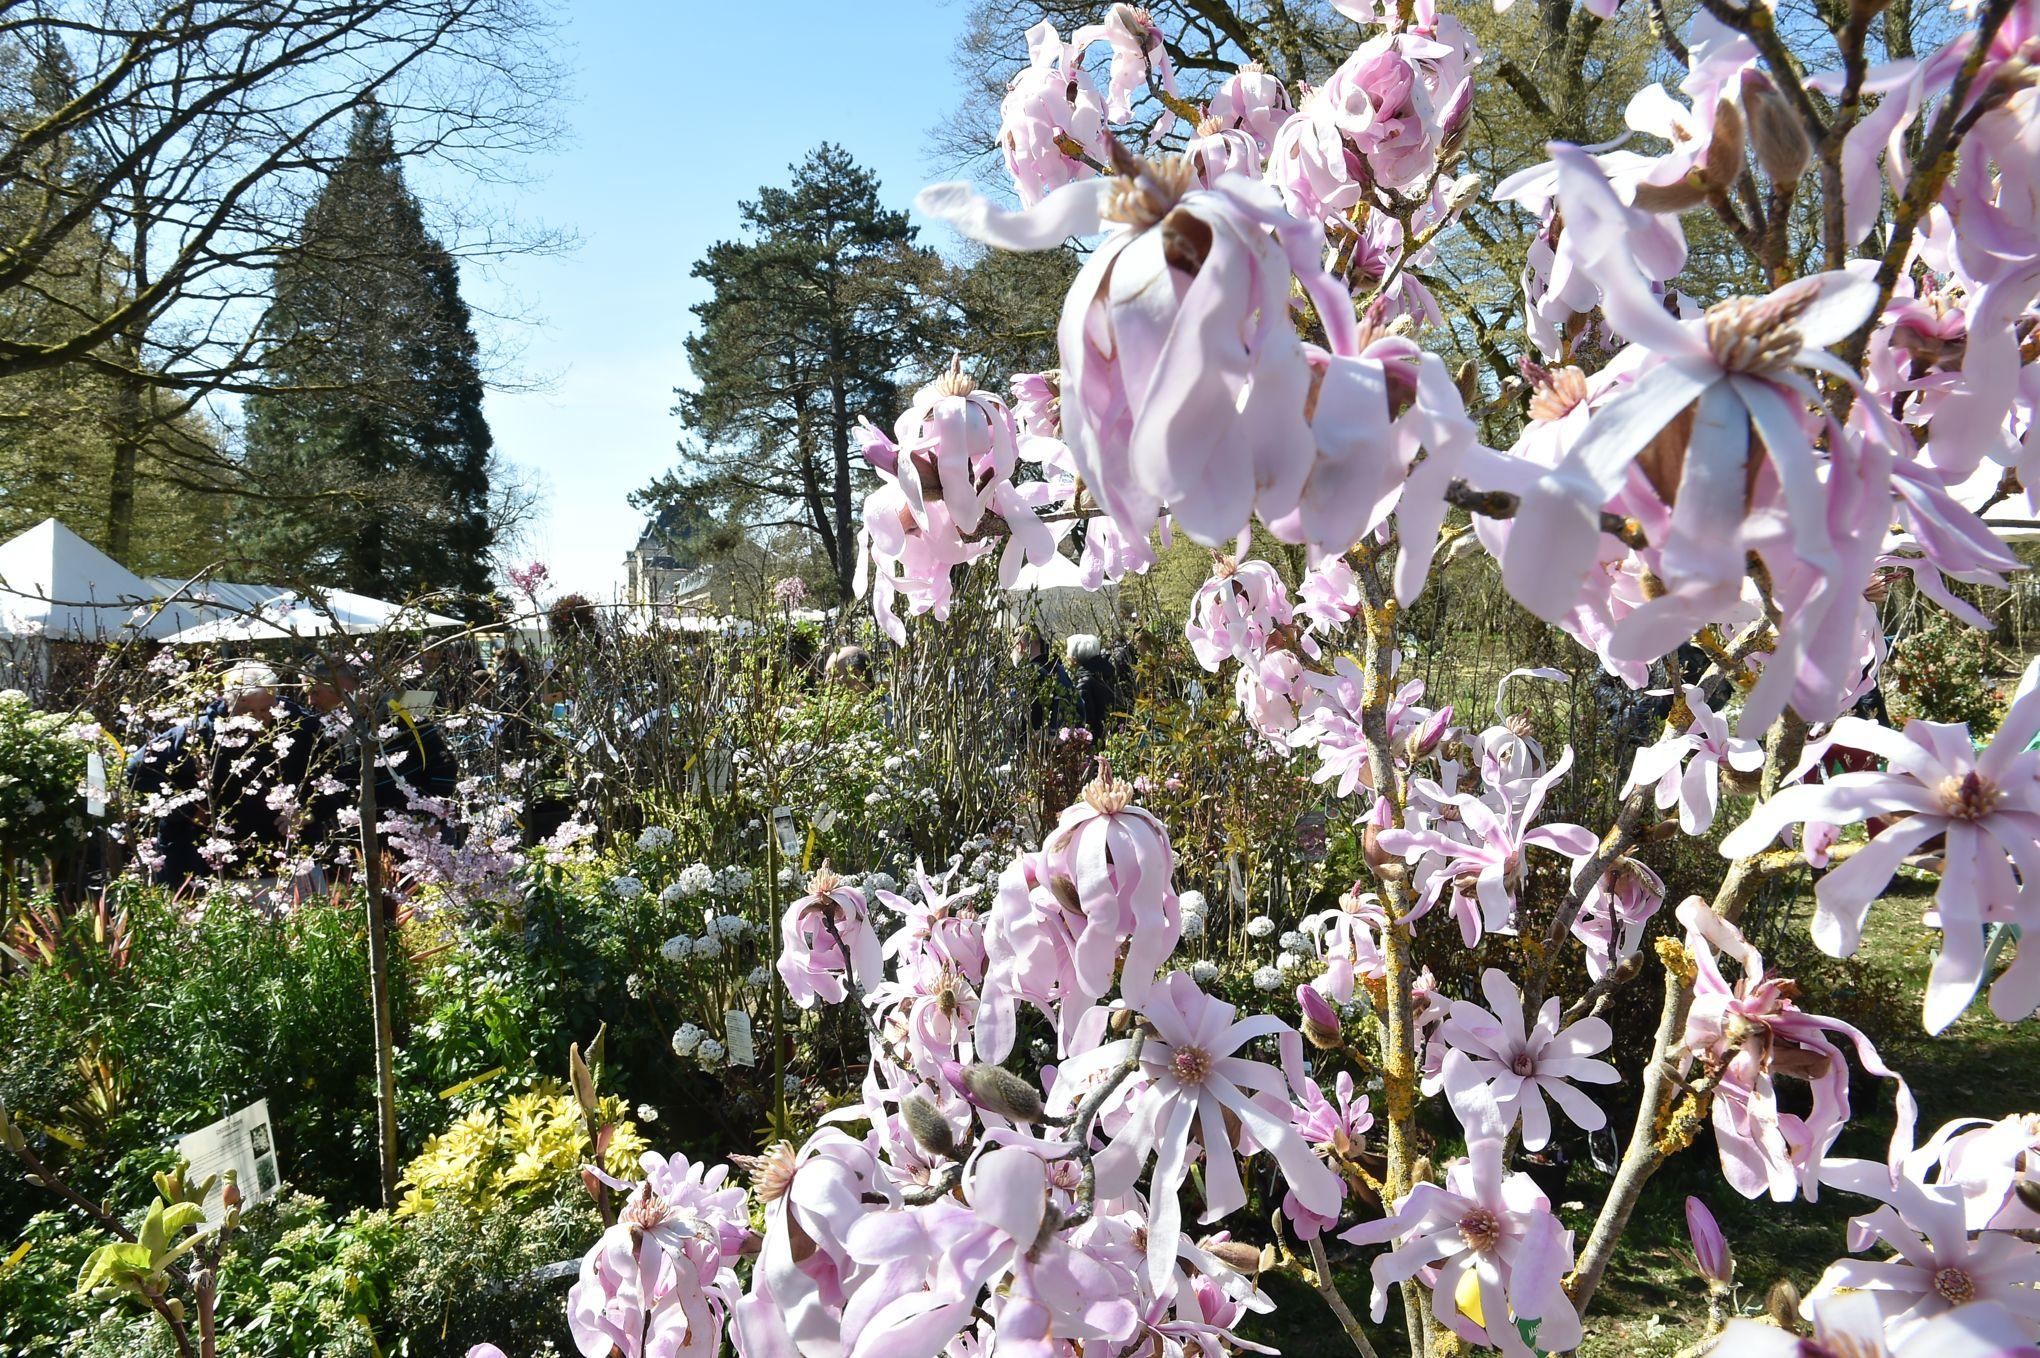 Jardinerie Pas Cher Toulouse jardin: saint-jean-de-beauregard fête ses 35 ans ce week-end